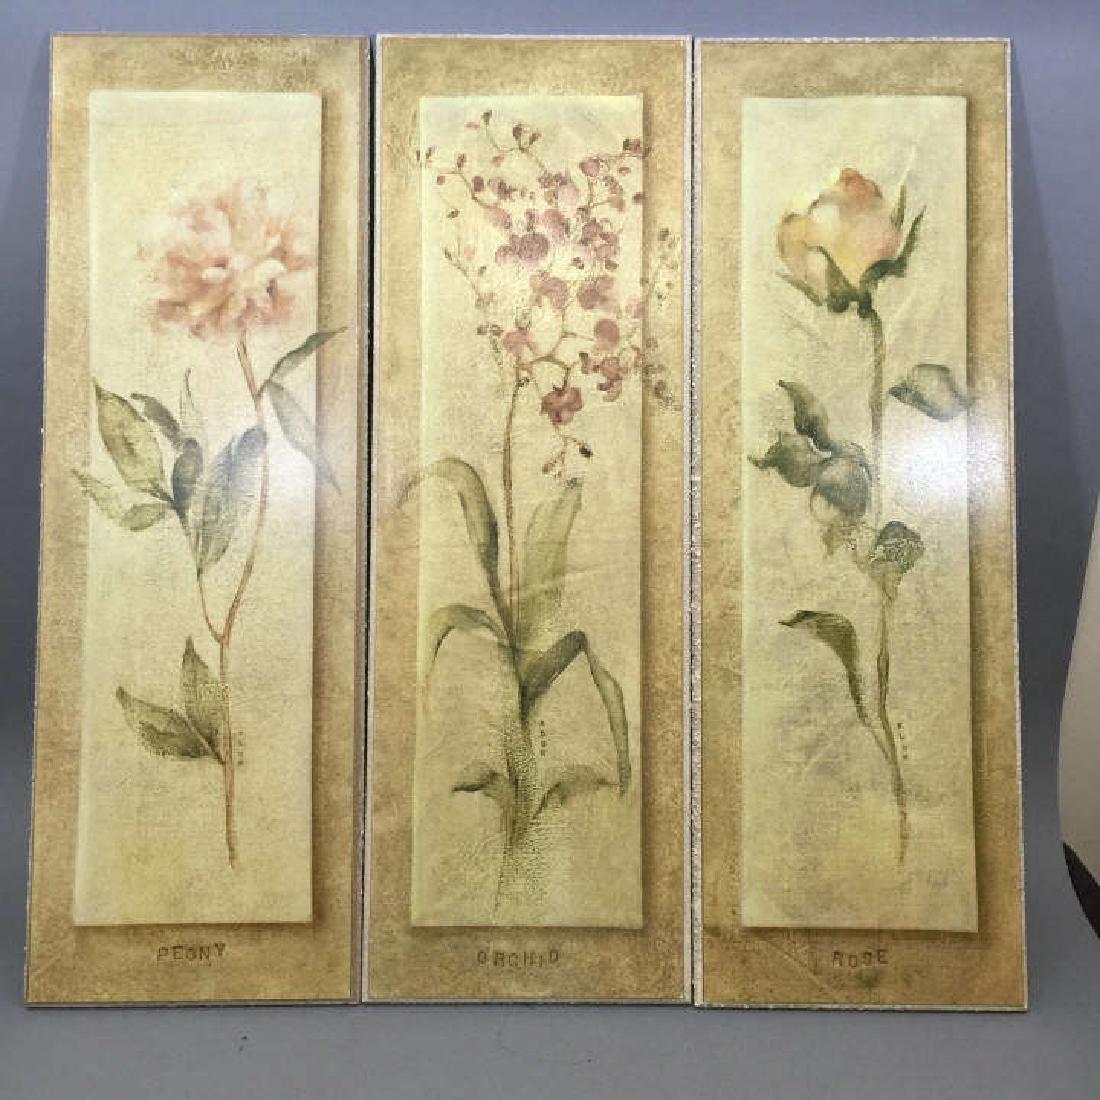 4 Decorative Art Botanical Painted Pieces